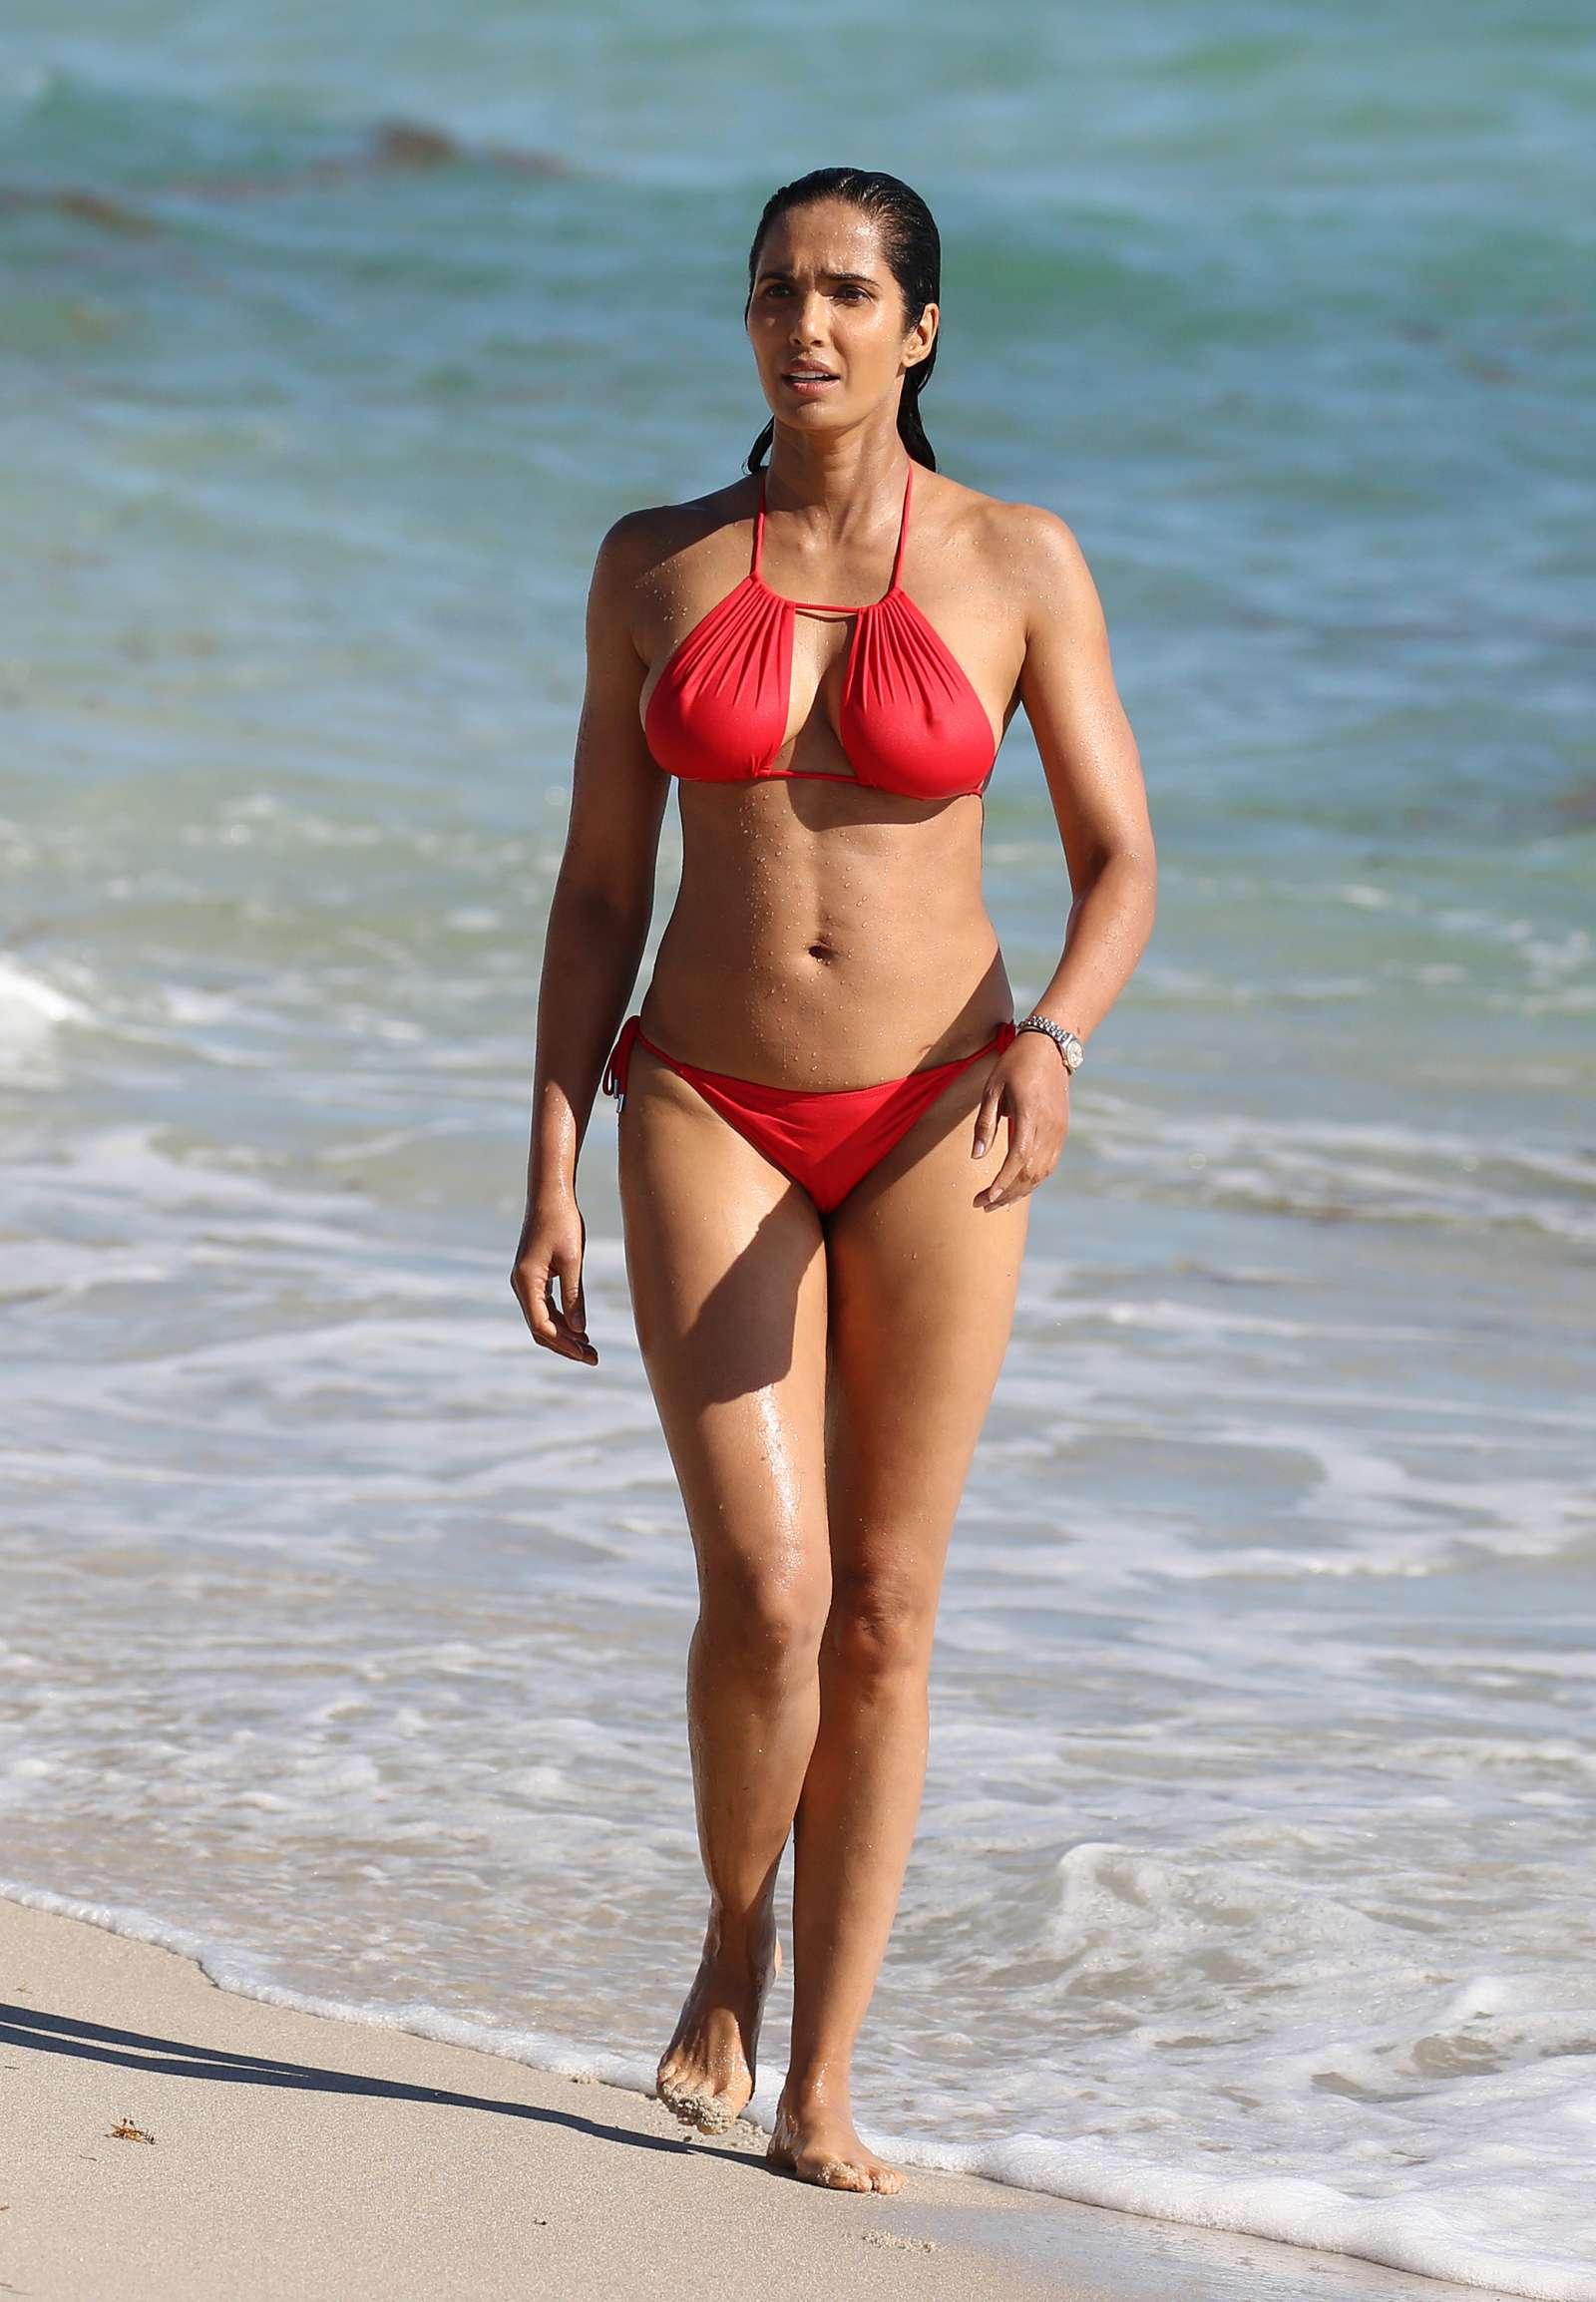 Padma Lakshmi 2019 : Padma Lakshmi in Red Bikini -09